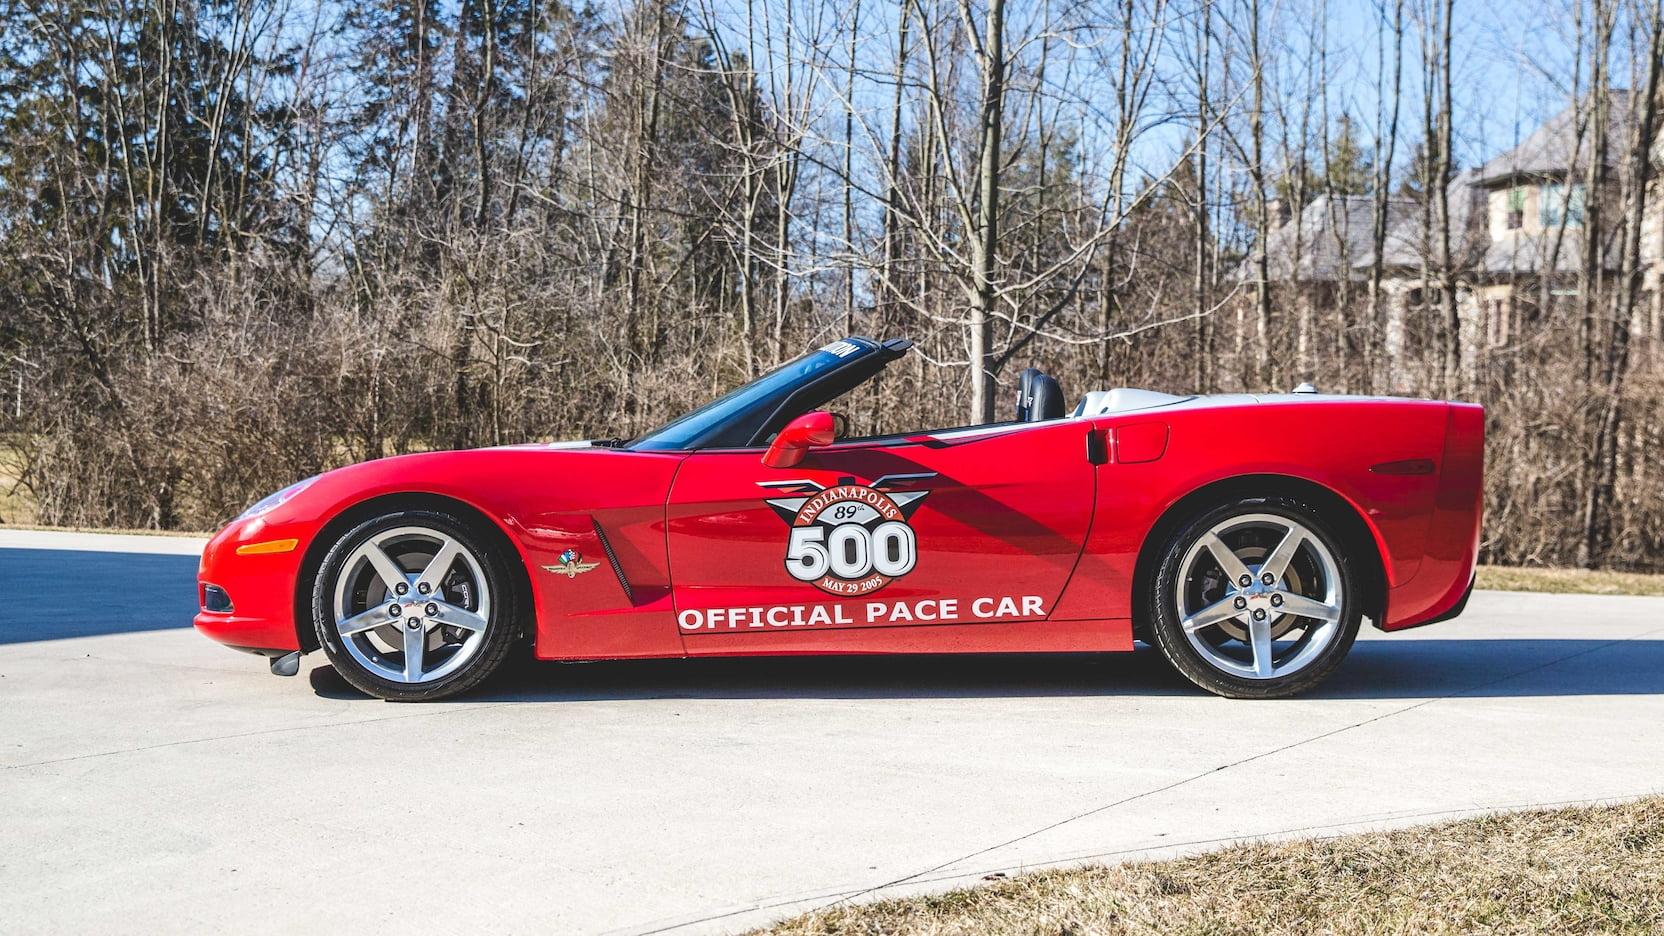 2005 Chevrolet Corvette Pace Car Side view